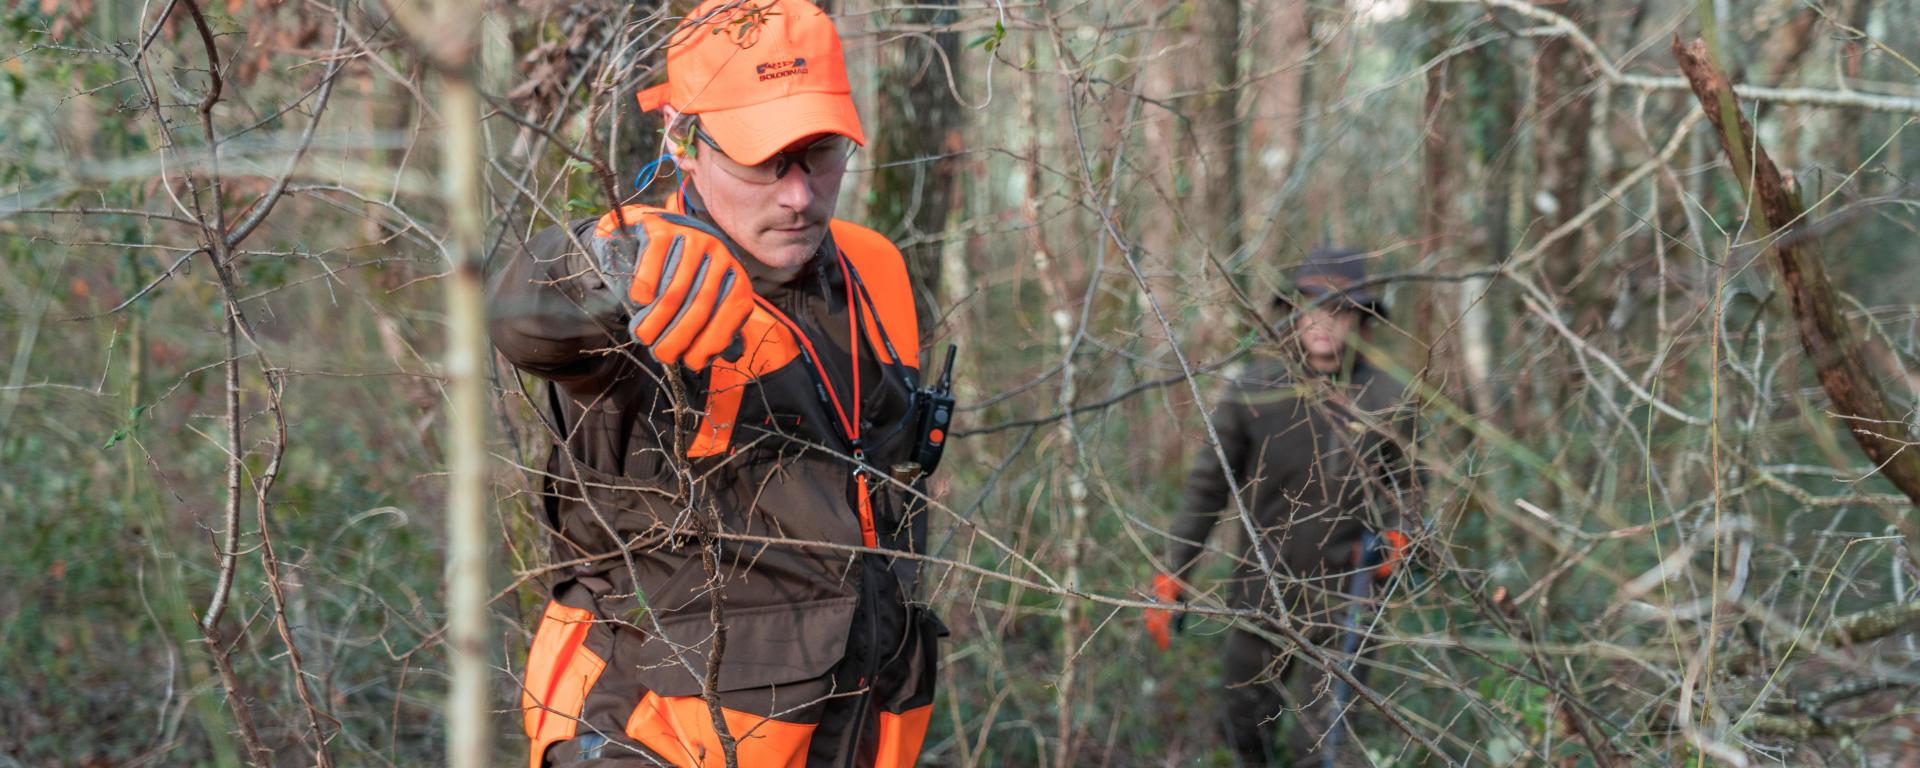 Le bécassier : un chasseur avec des besoins vestimentaires spécifiques